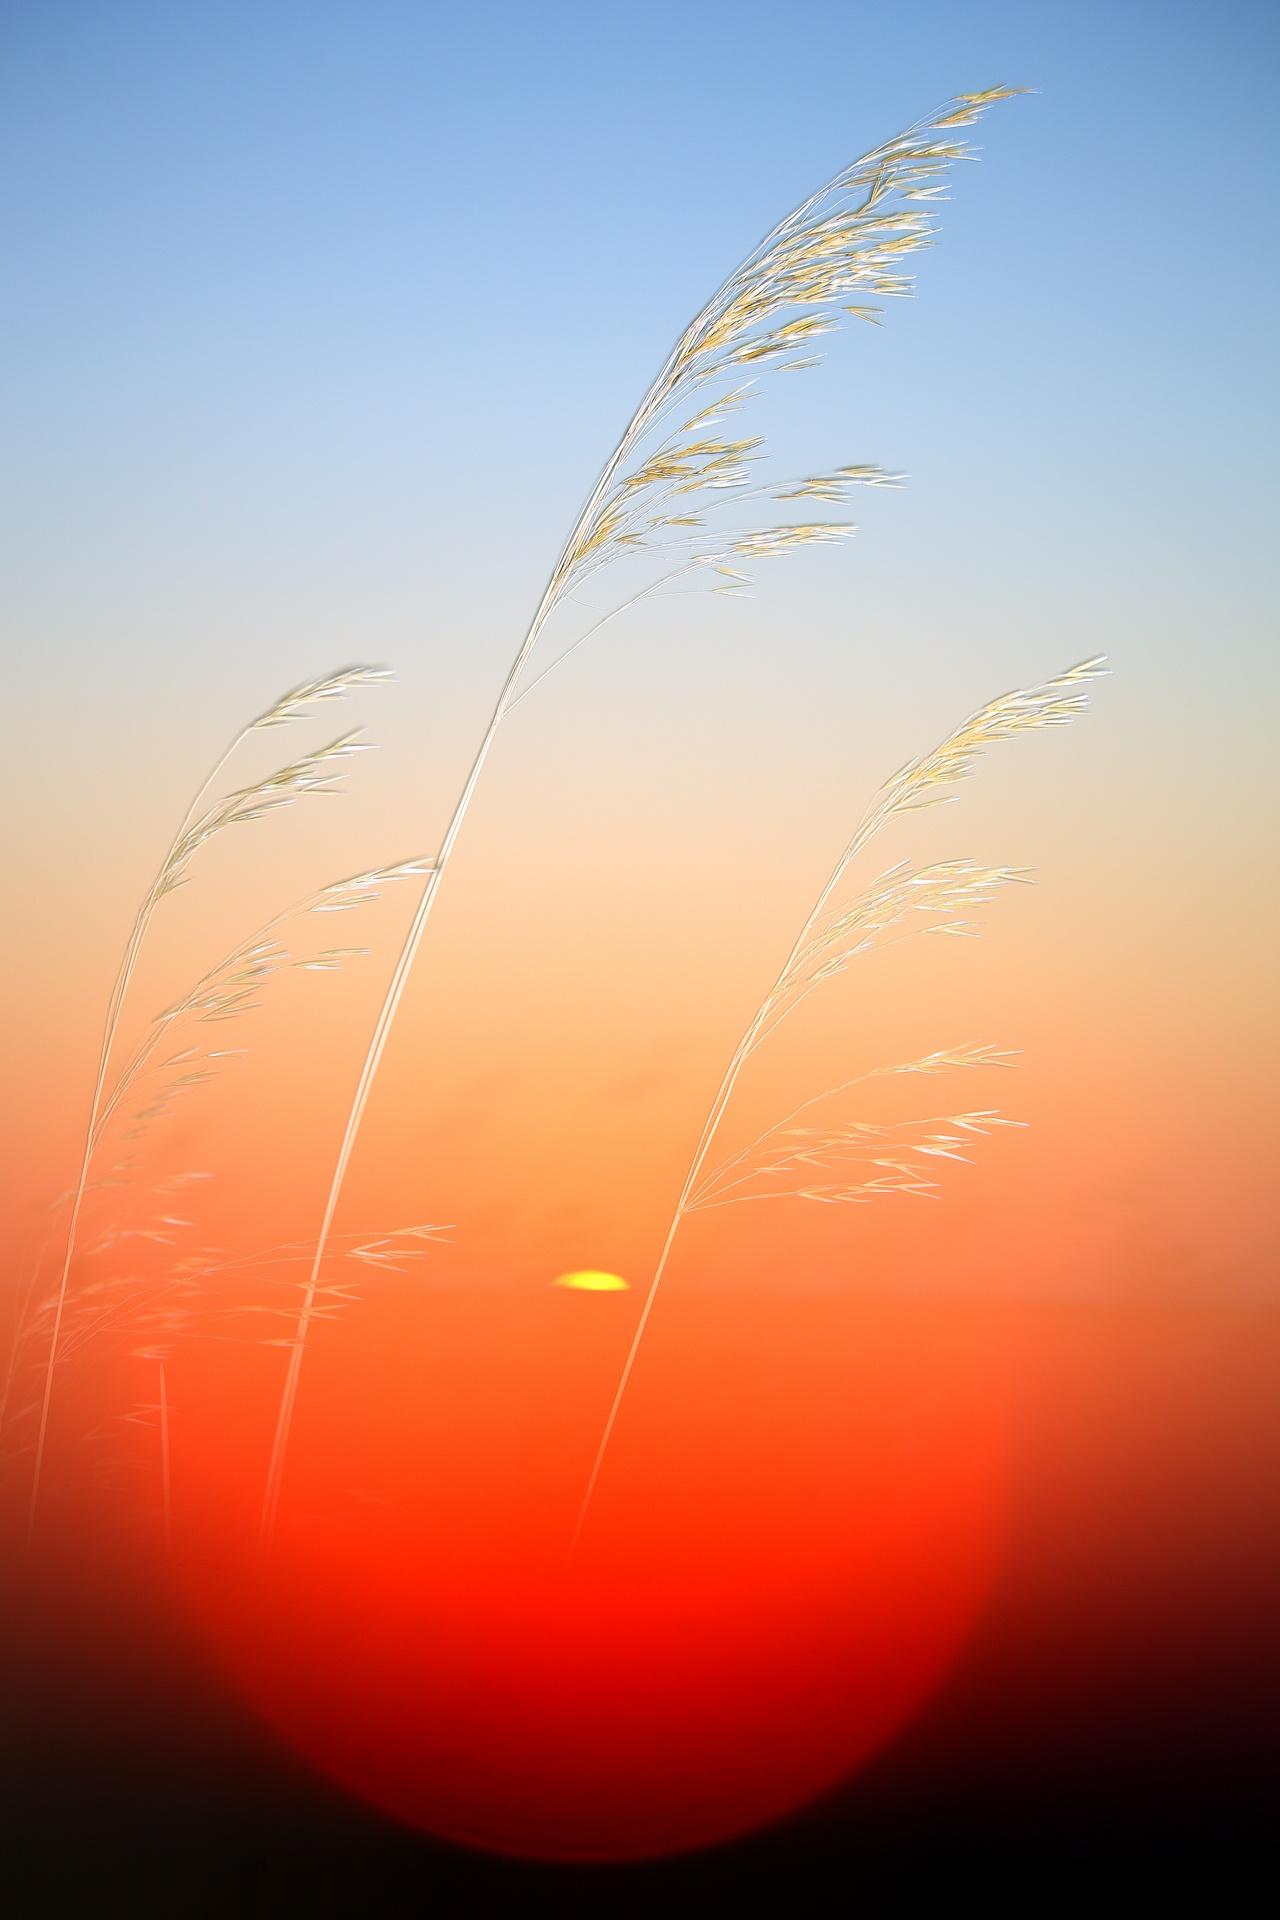 JOPOS - David Santiago, Landscape Photography